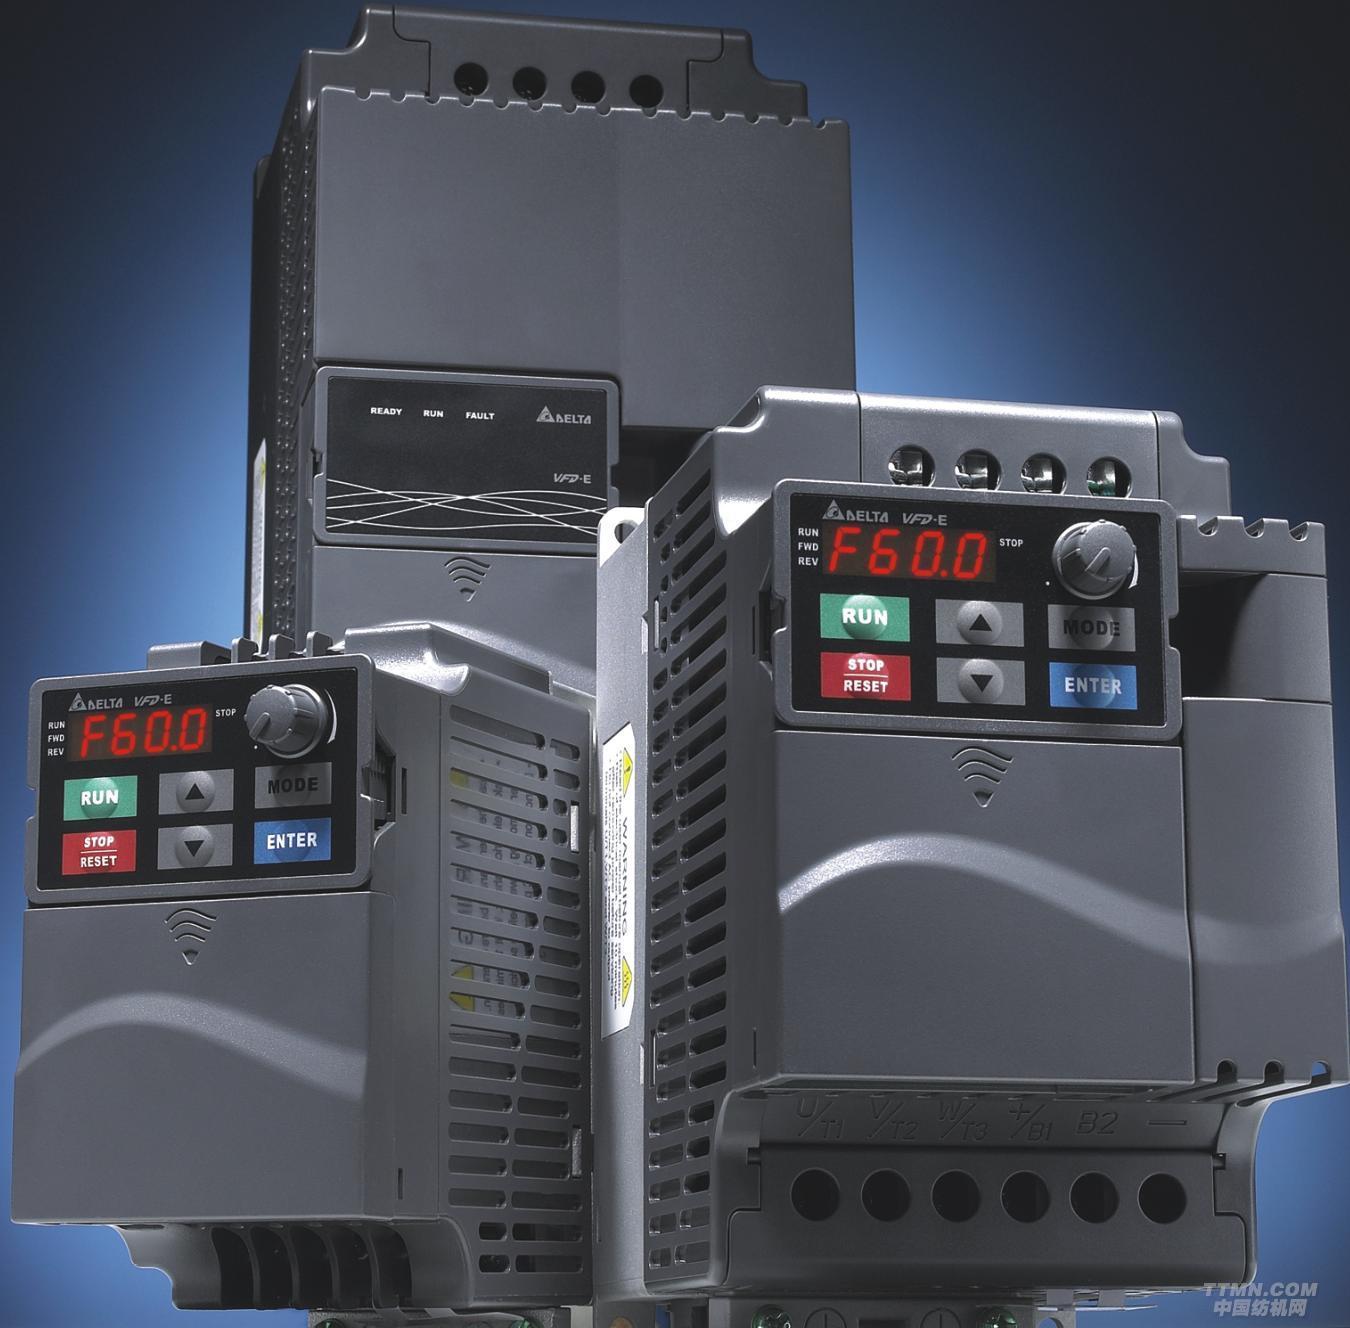 公司名称:北京根德科贸集团  产品描述: 产品信息: 本系列采用弹性模块的设计,最大的特色是内置PLC功能,可编写简易程序储存与执行;并可外加特殊功能扩展卡及通讯卡,是台达小功率型变频器的最佳代表,满足业界最多元化的需求。 规格特性: 1. 输出频率0.1~600Hz 2. 模块化设计 3.